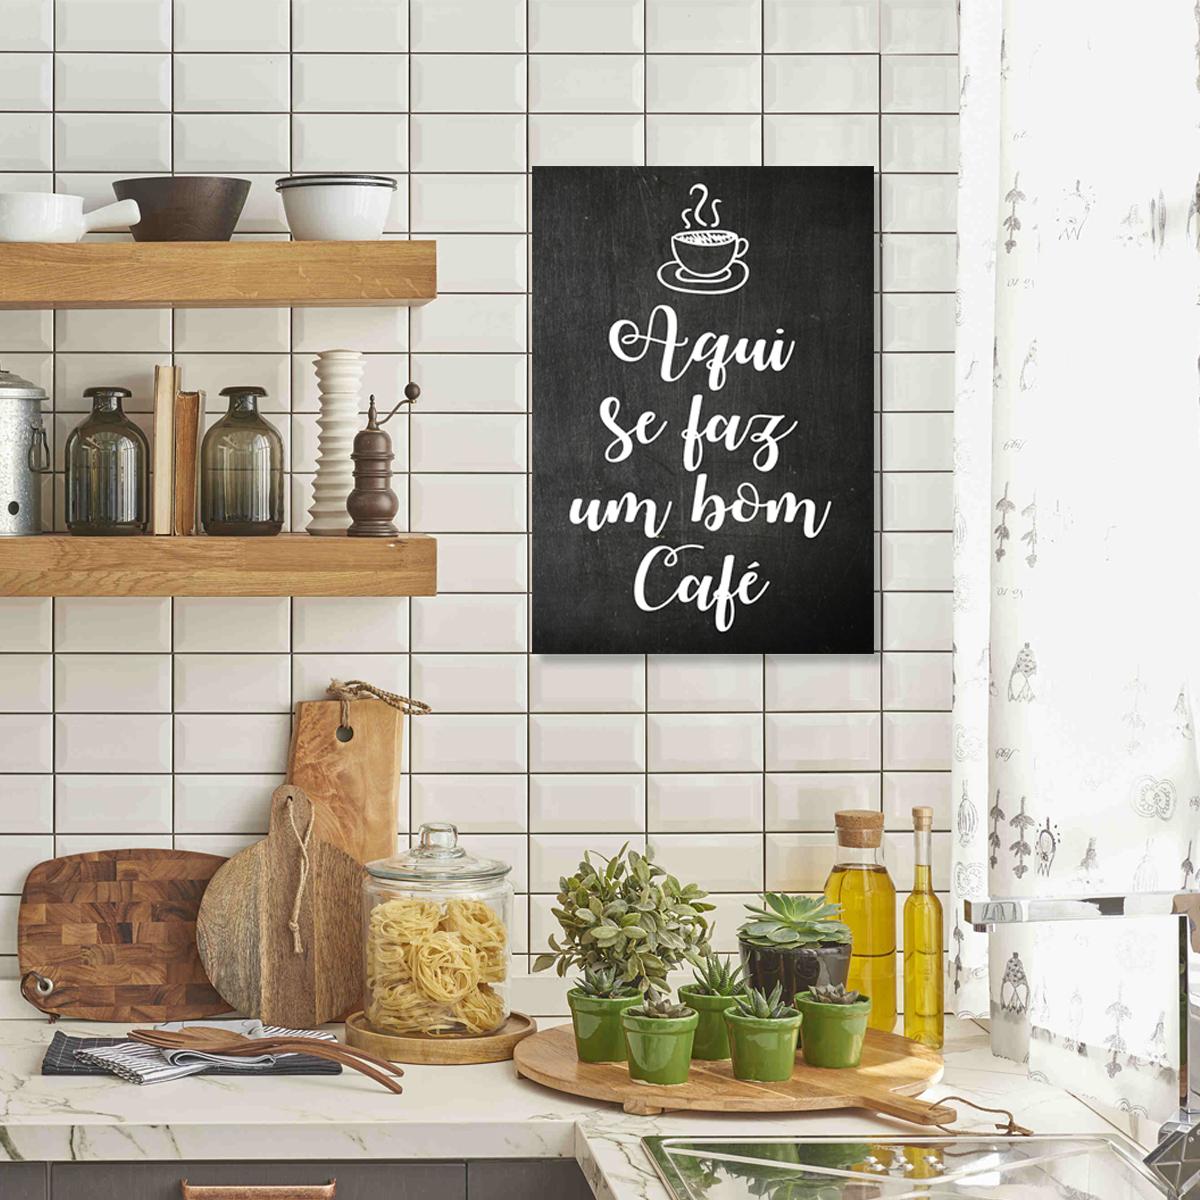 Quadro Para Cozinha Rea Gourmet Frase Bom Caf T188 No Elo7